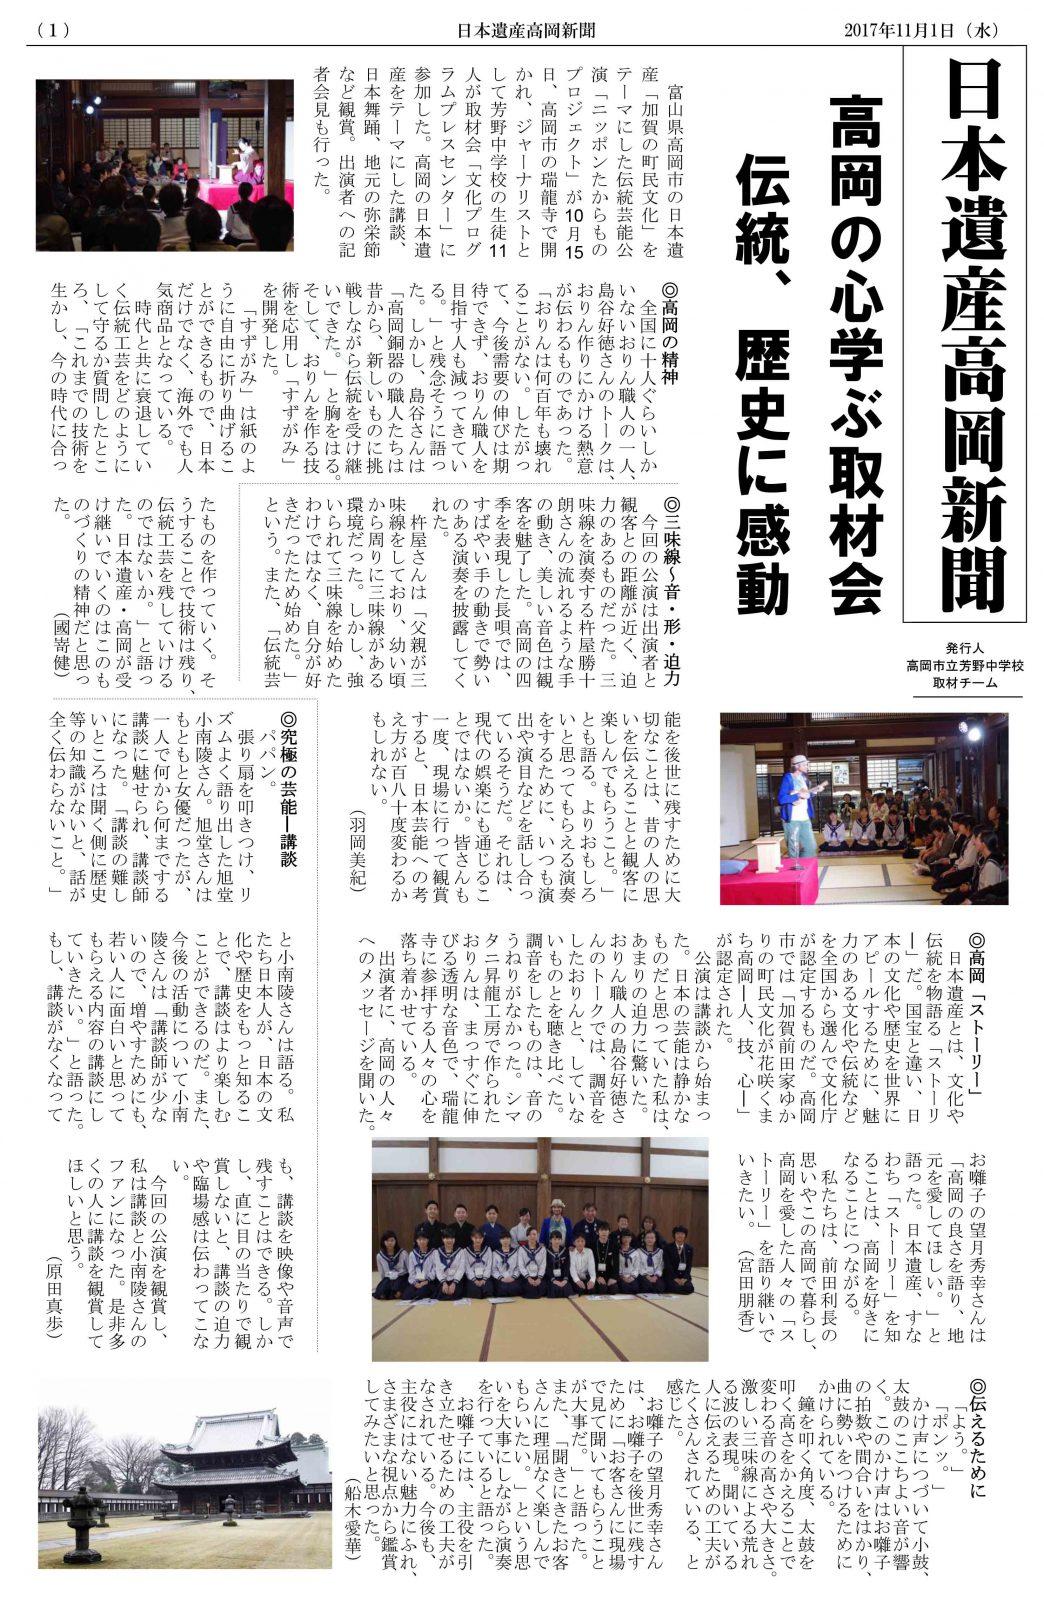 日本遺産新聞